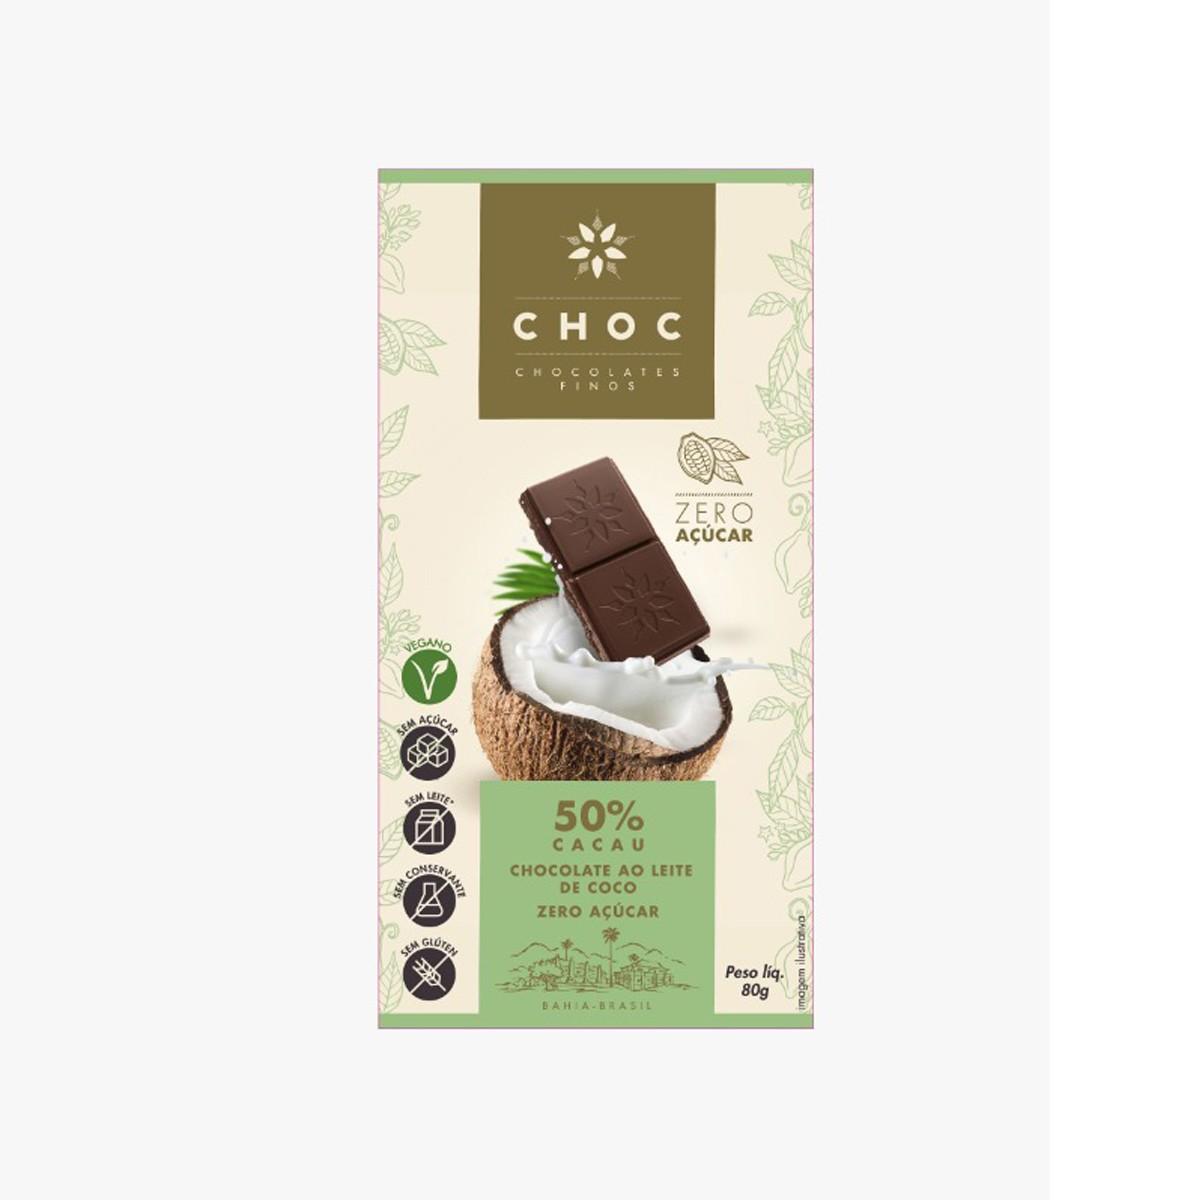 Chocolate Zero ao Leite de Coco 50% Cacau 80g - Choc